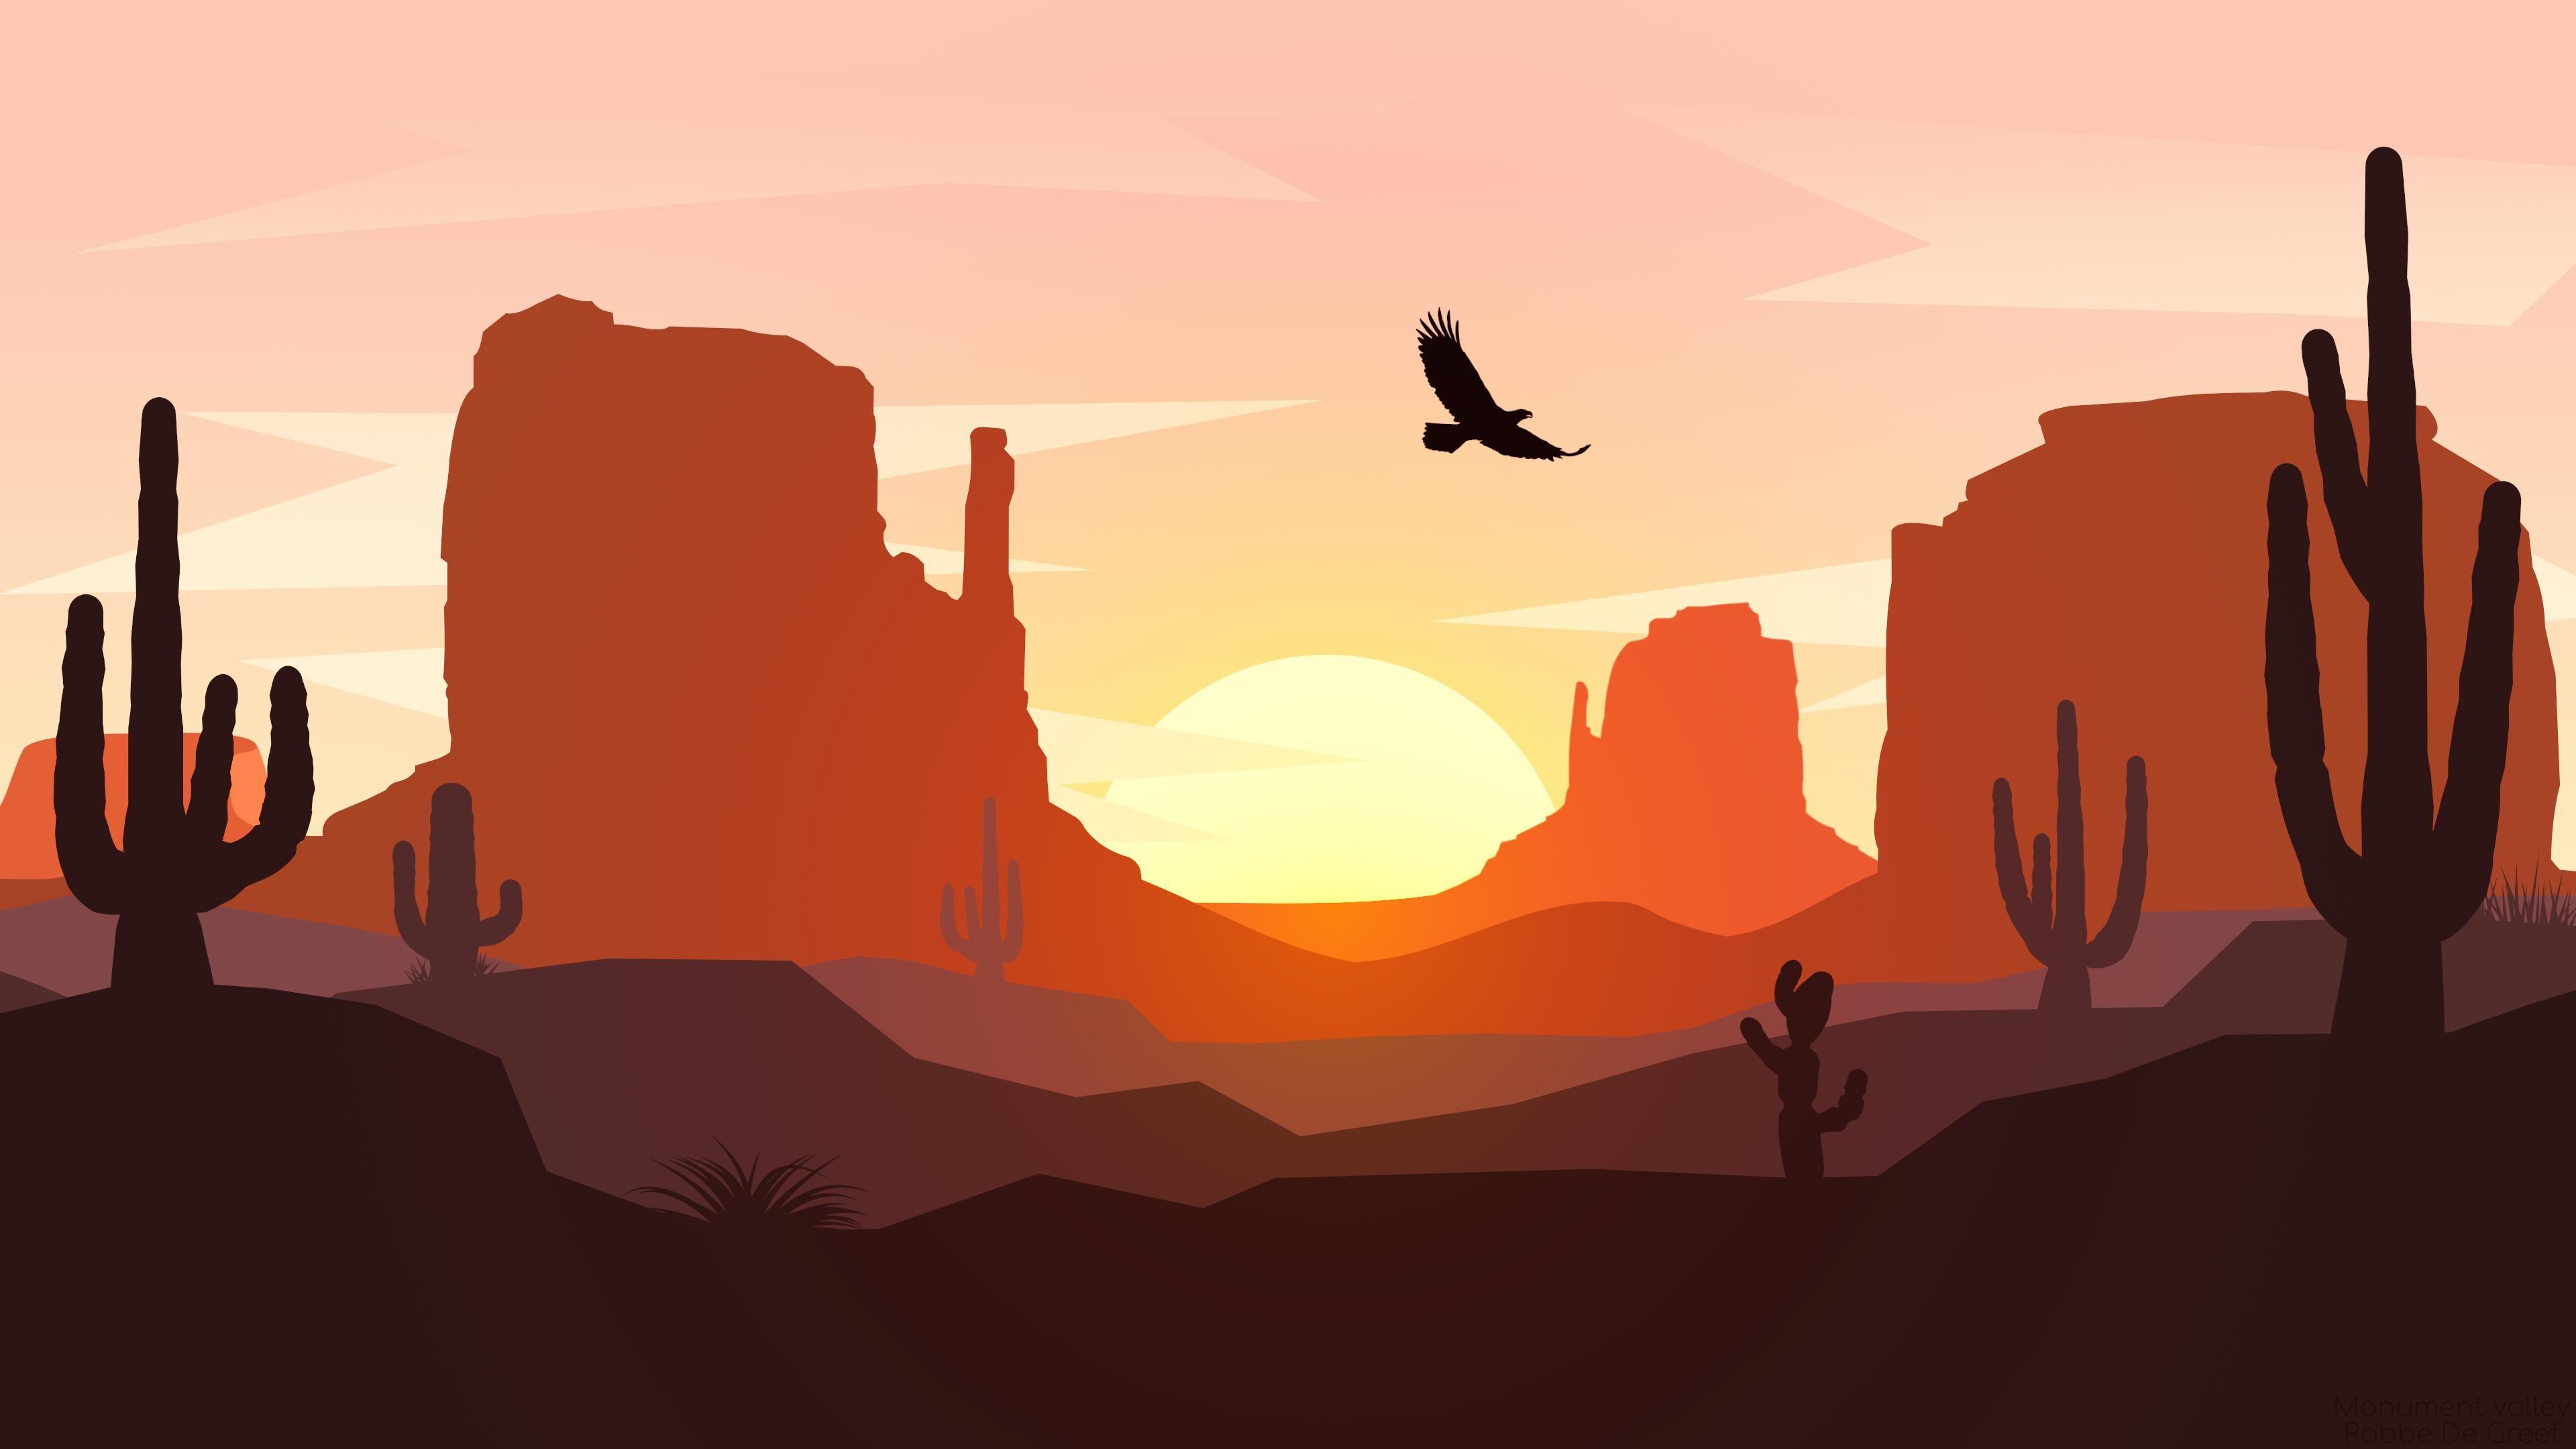 Monument Valley Flat Landscape Design 4k Wallpaper Wallpaper Landscape Design Landscape